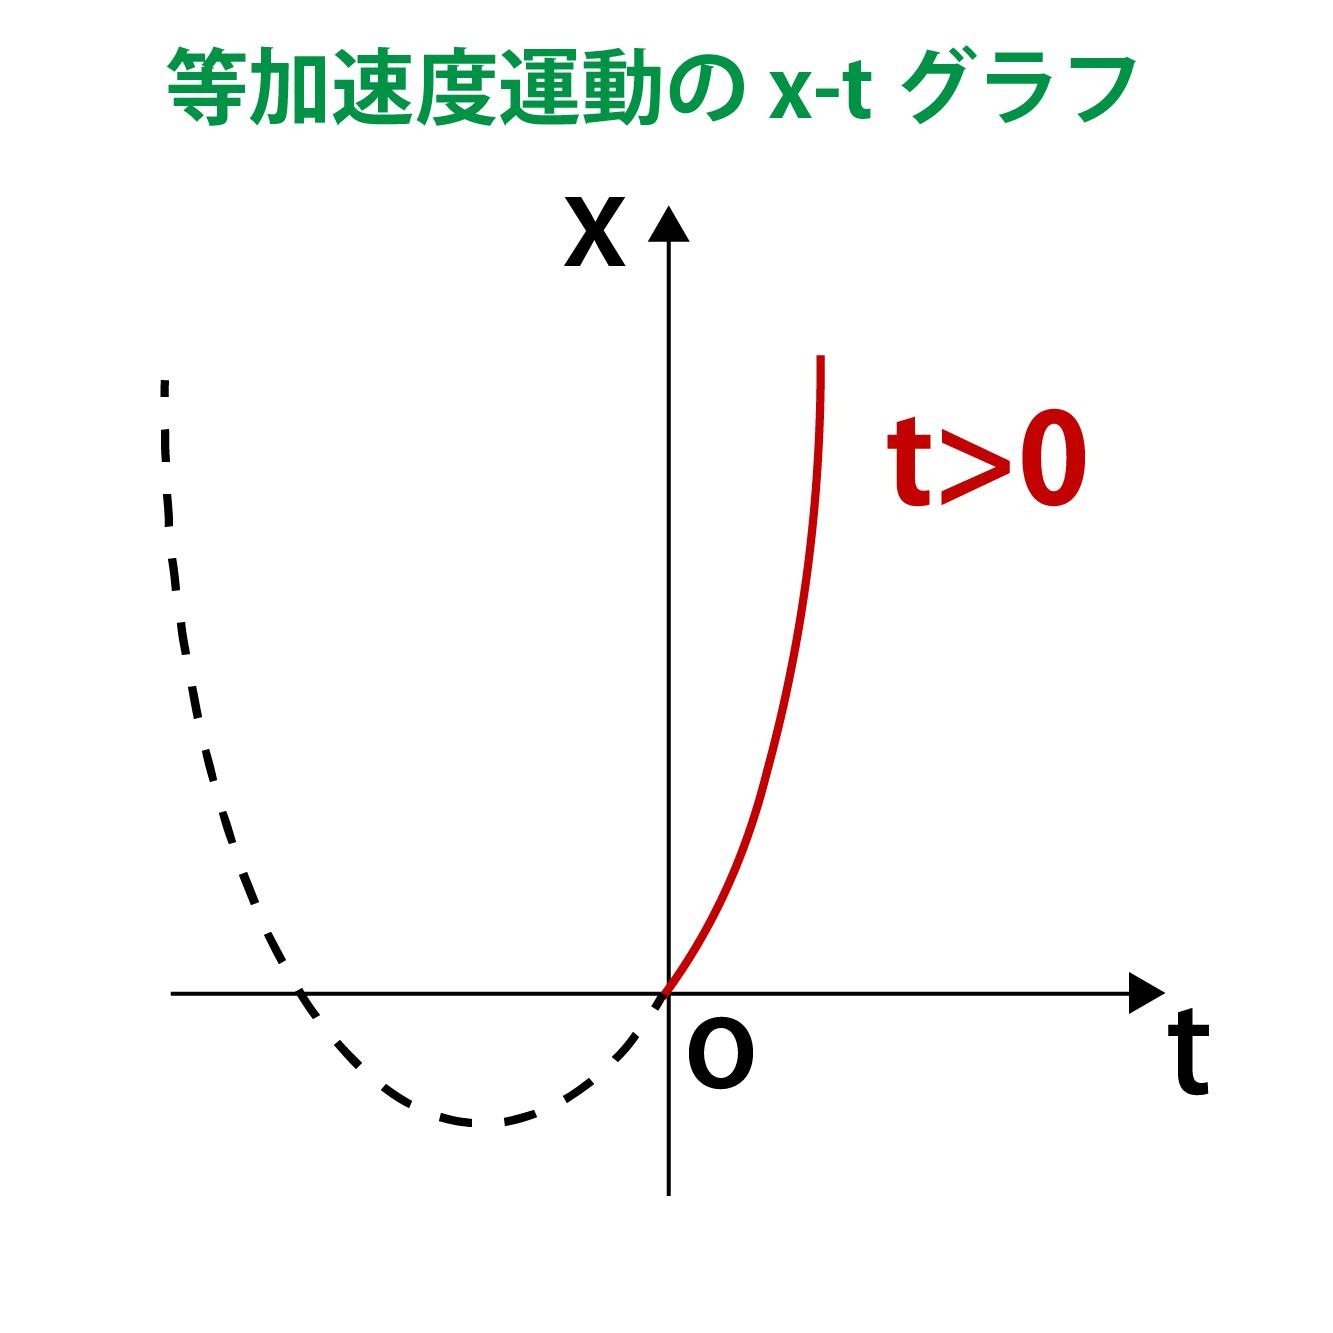 等加速度運動に関するx-tグラフ